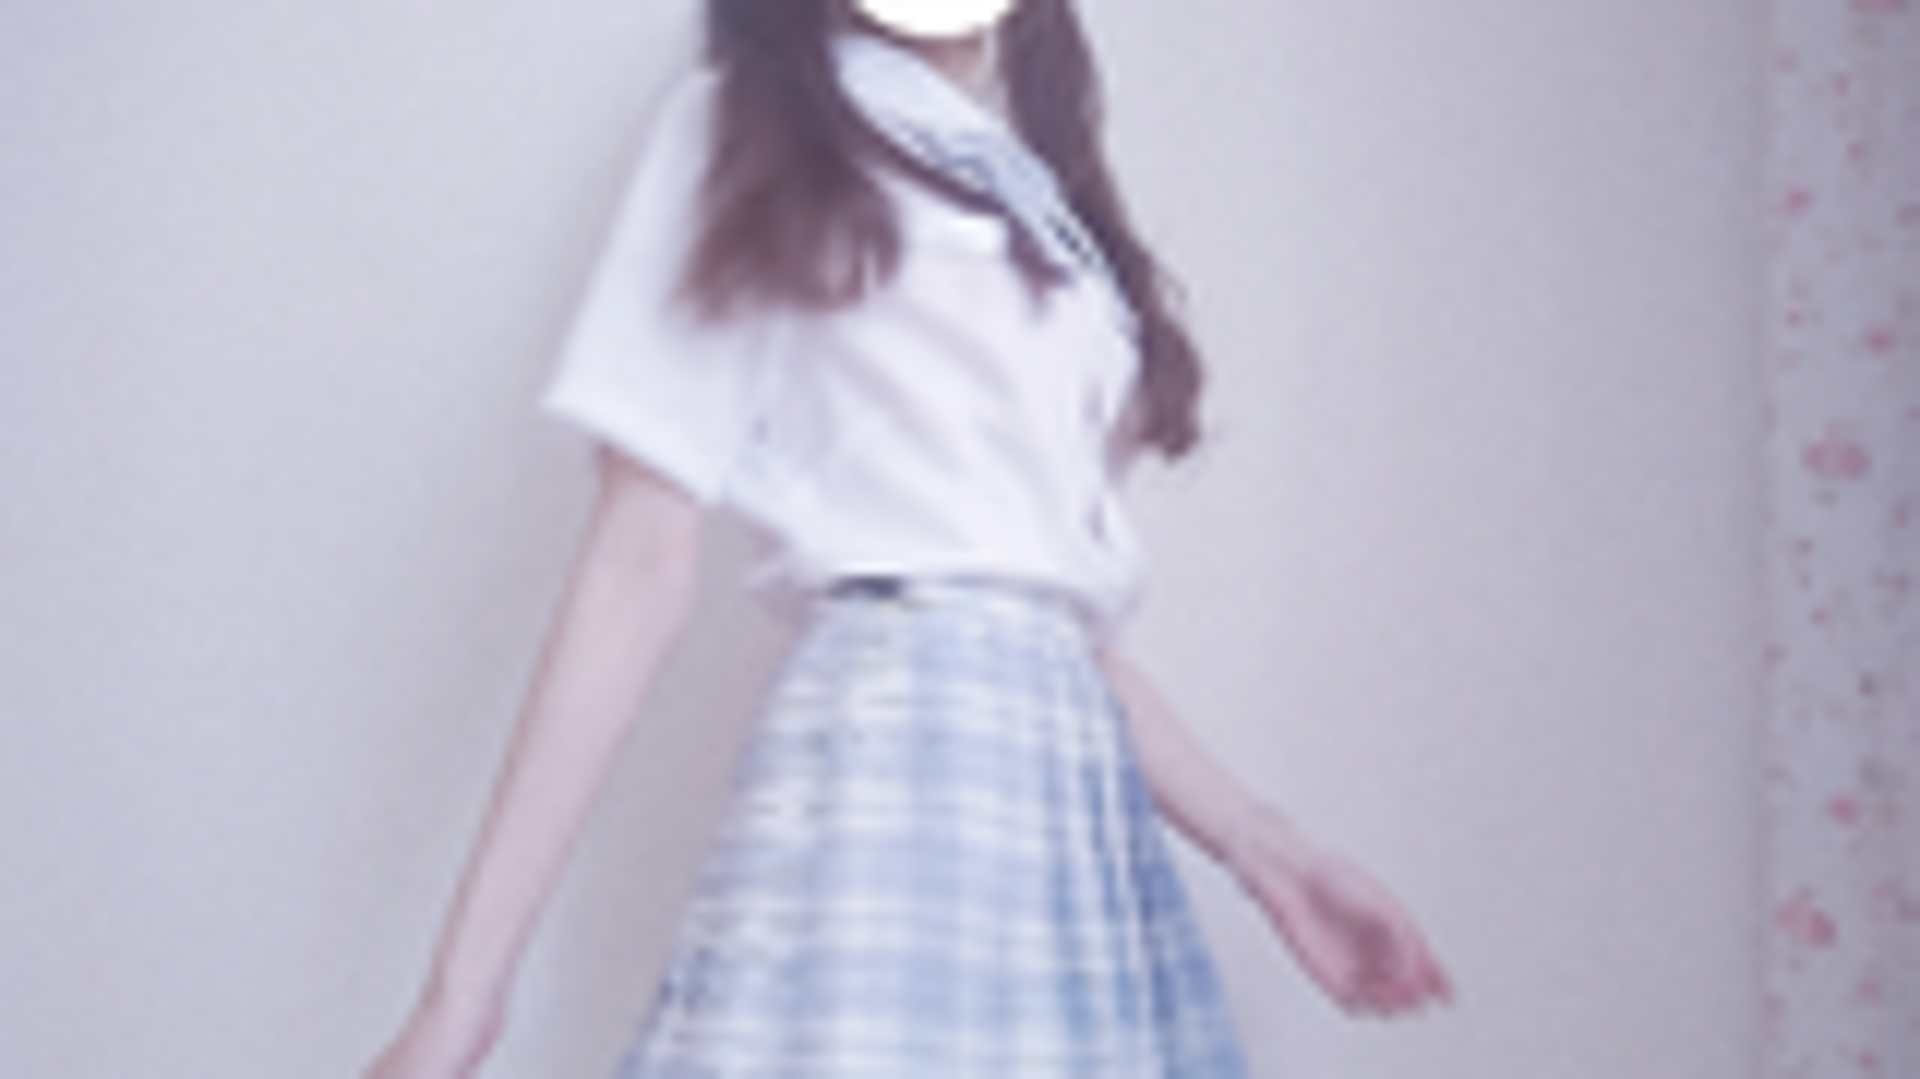 【喵叽-制服开箱试穿】jk制服格裙优马b1中牌山吹琥珀风铃柠檬海盐试穿